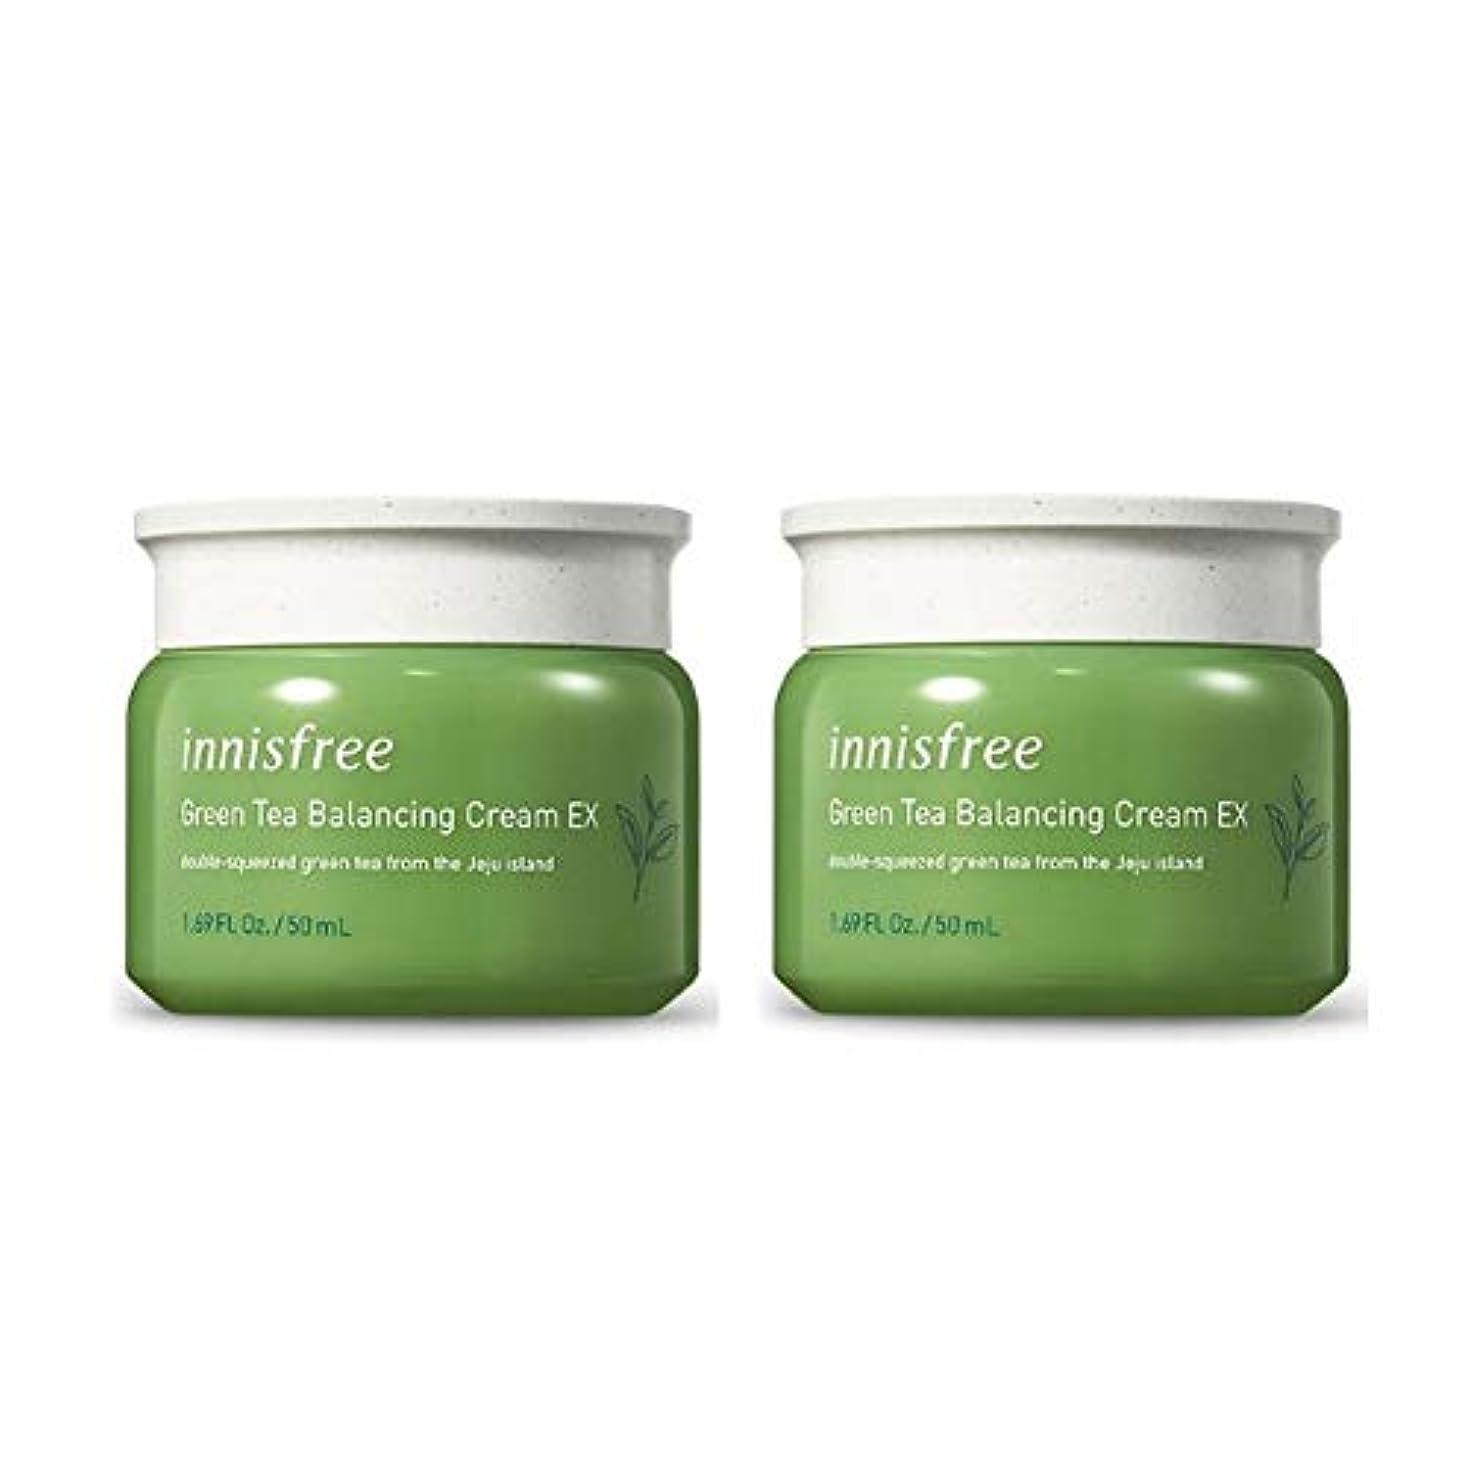 イディオムイディオム肺イニスフリーグリーンティーバランシングクリームEX 50mlx2本セット韓国コスメ、innisfree Green Tea Balancing Cream EX 50ml x 2ea Set Korean Cosmetics...